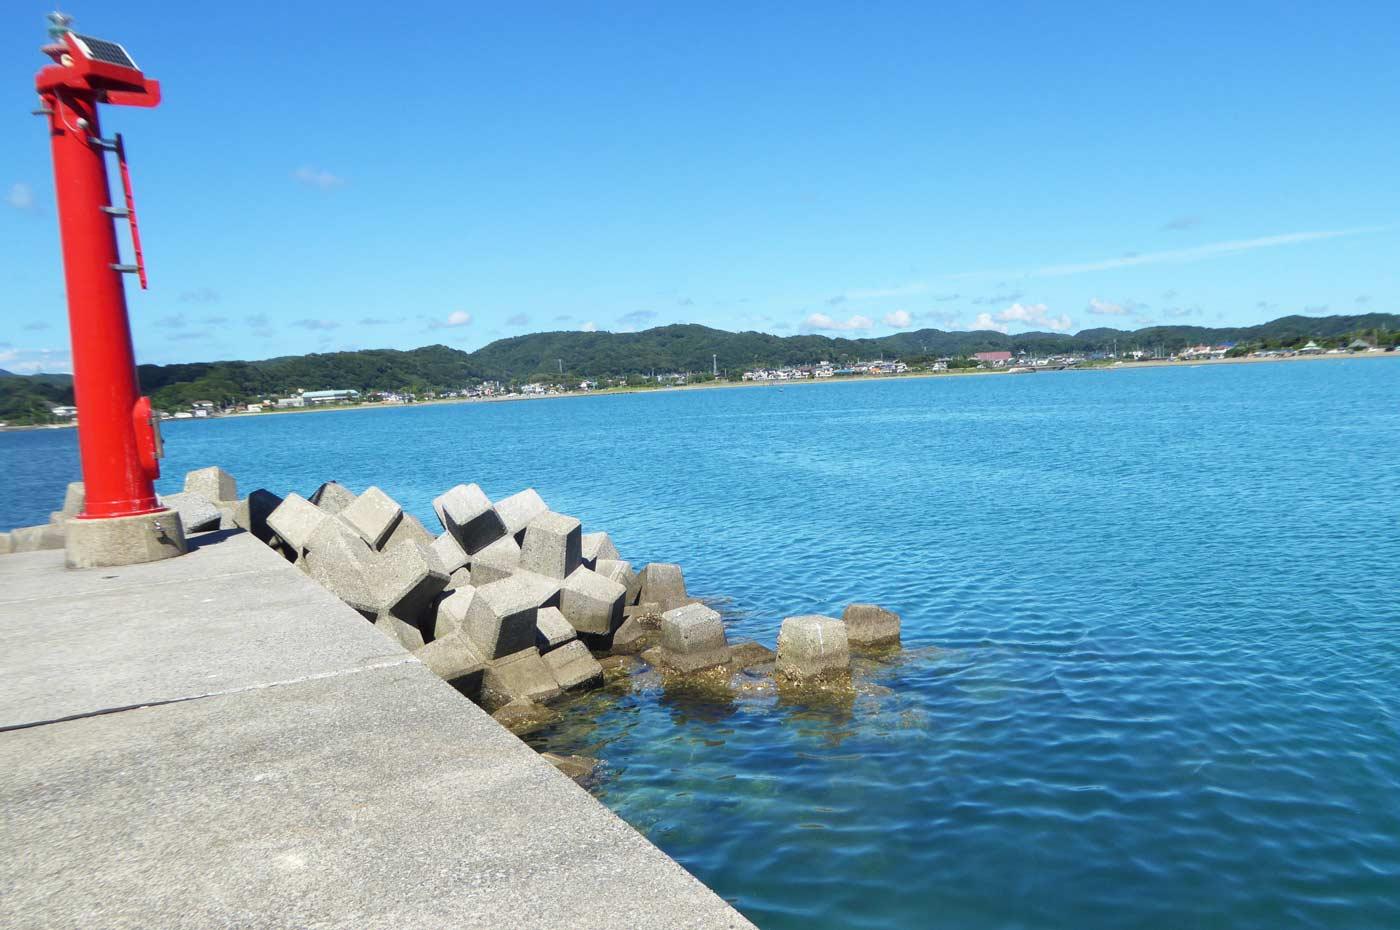 富浦新港右側の防波堤